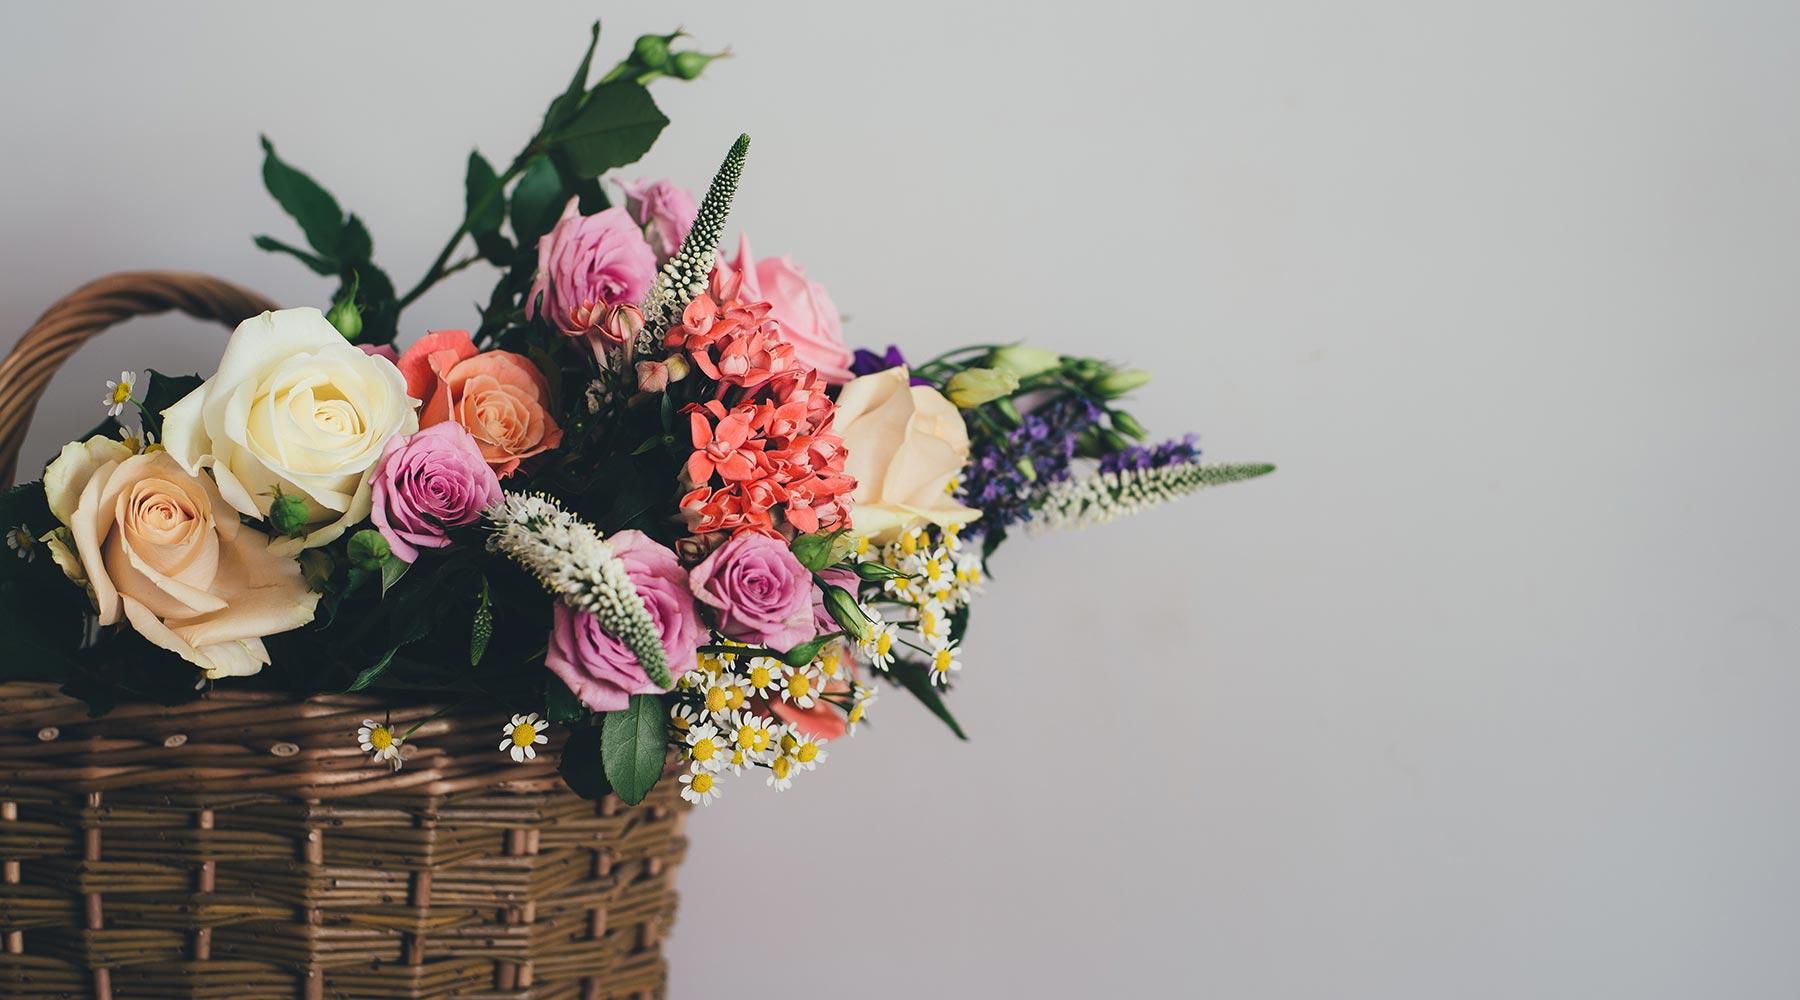 Städtisches Bestattungswesen Leipzig – Blumenkorb